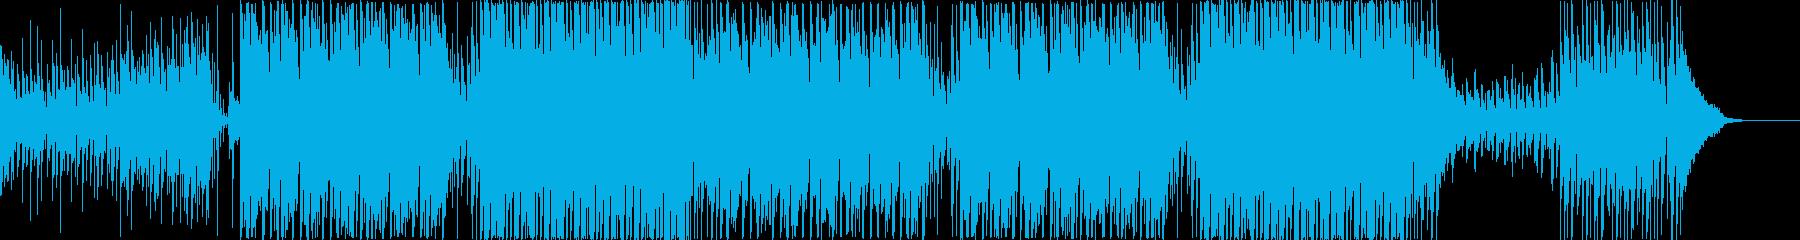 トロピカルで明るいさわやかEDMの再生済みの波形